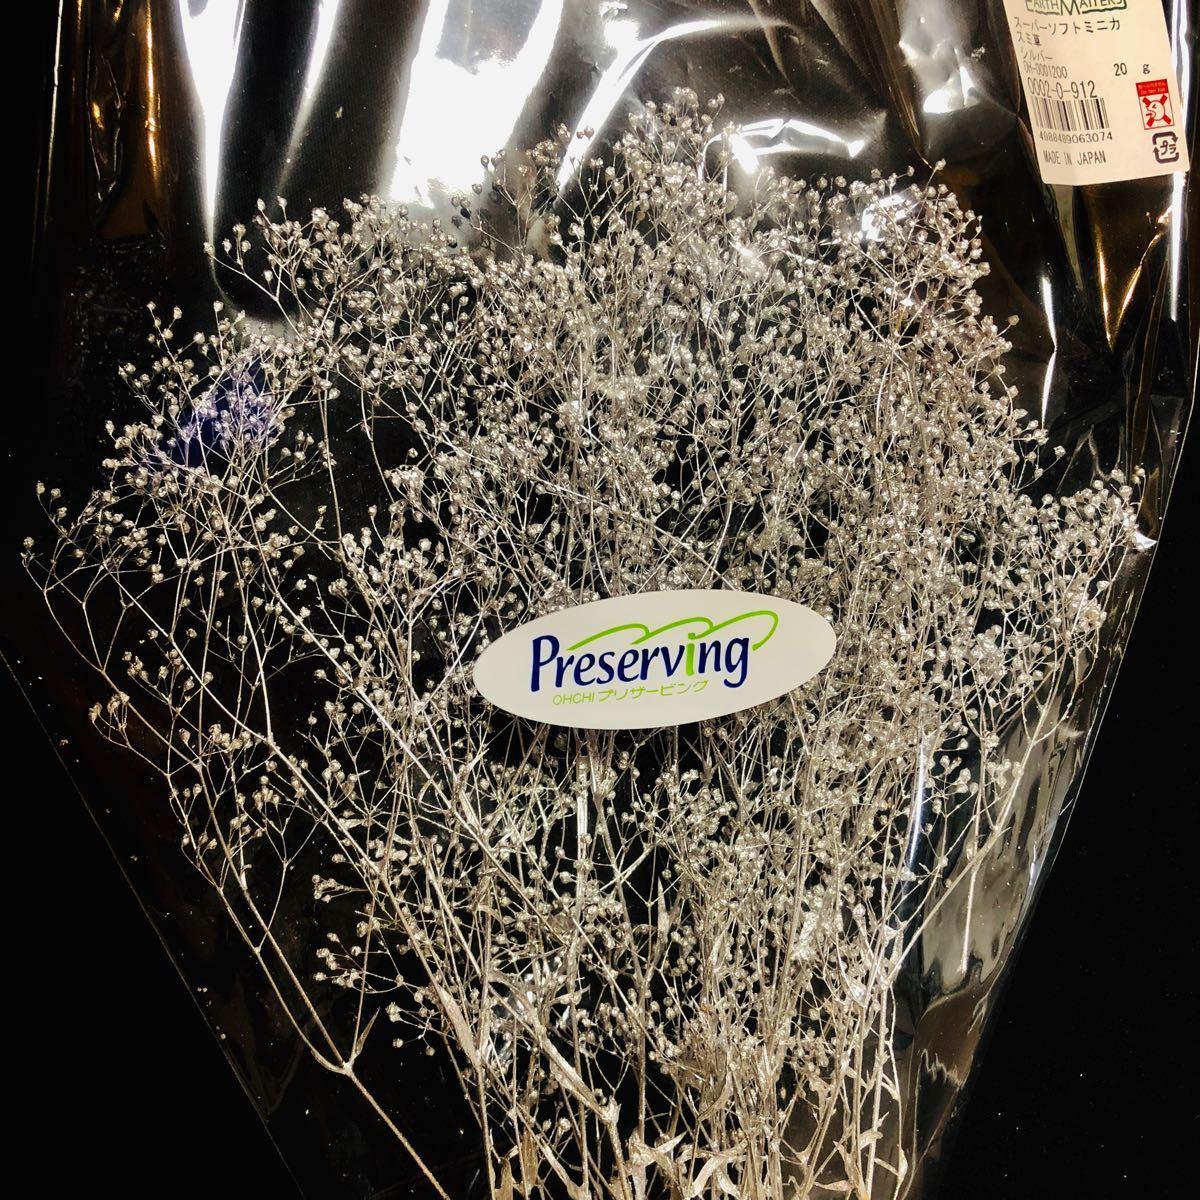 かすみ草 大地農園 プリザーブドフラワー ハーバリウム花材